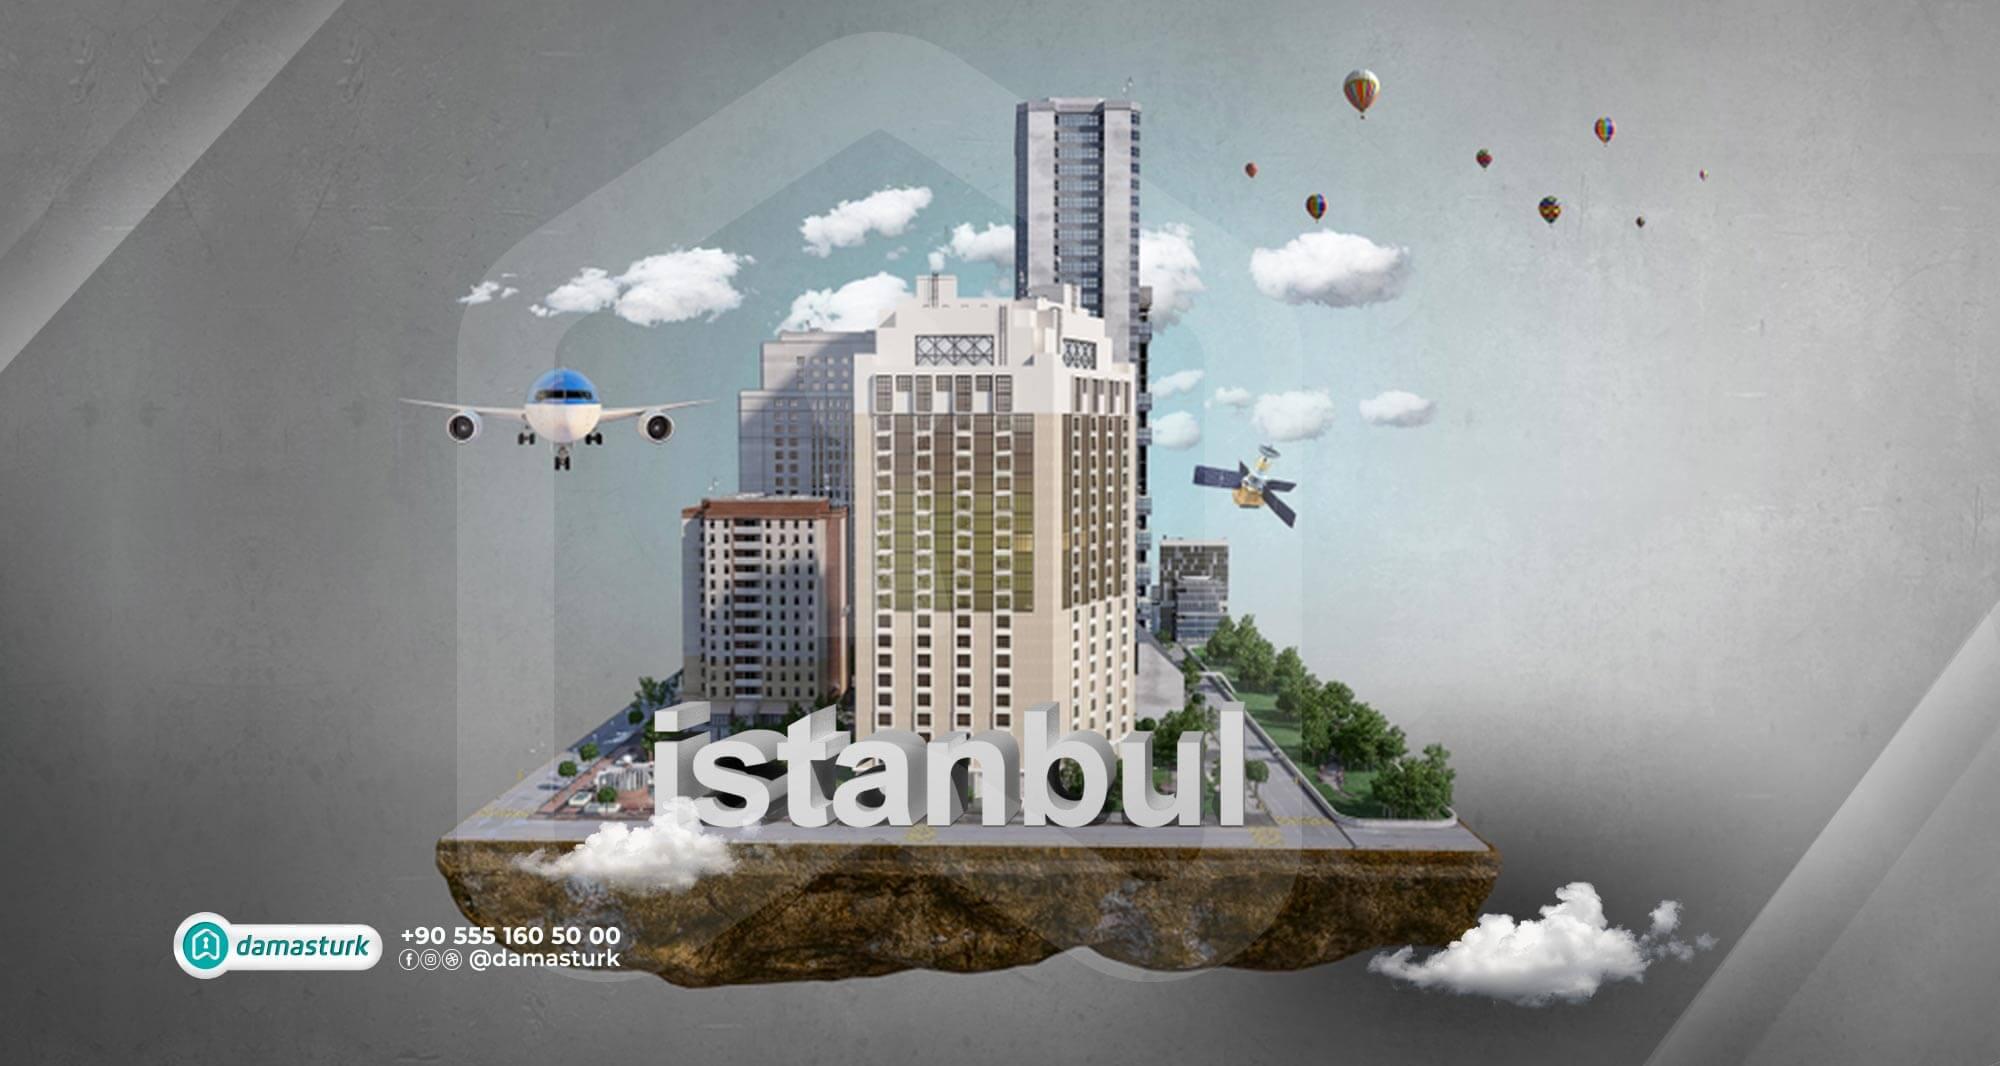 الاستثمار العقاري في إسطنبول 2021